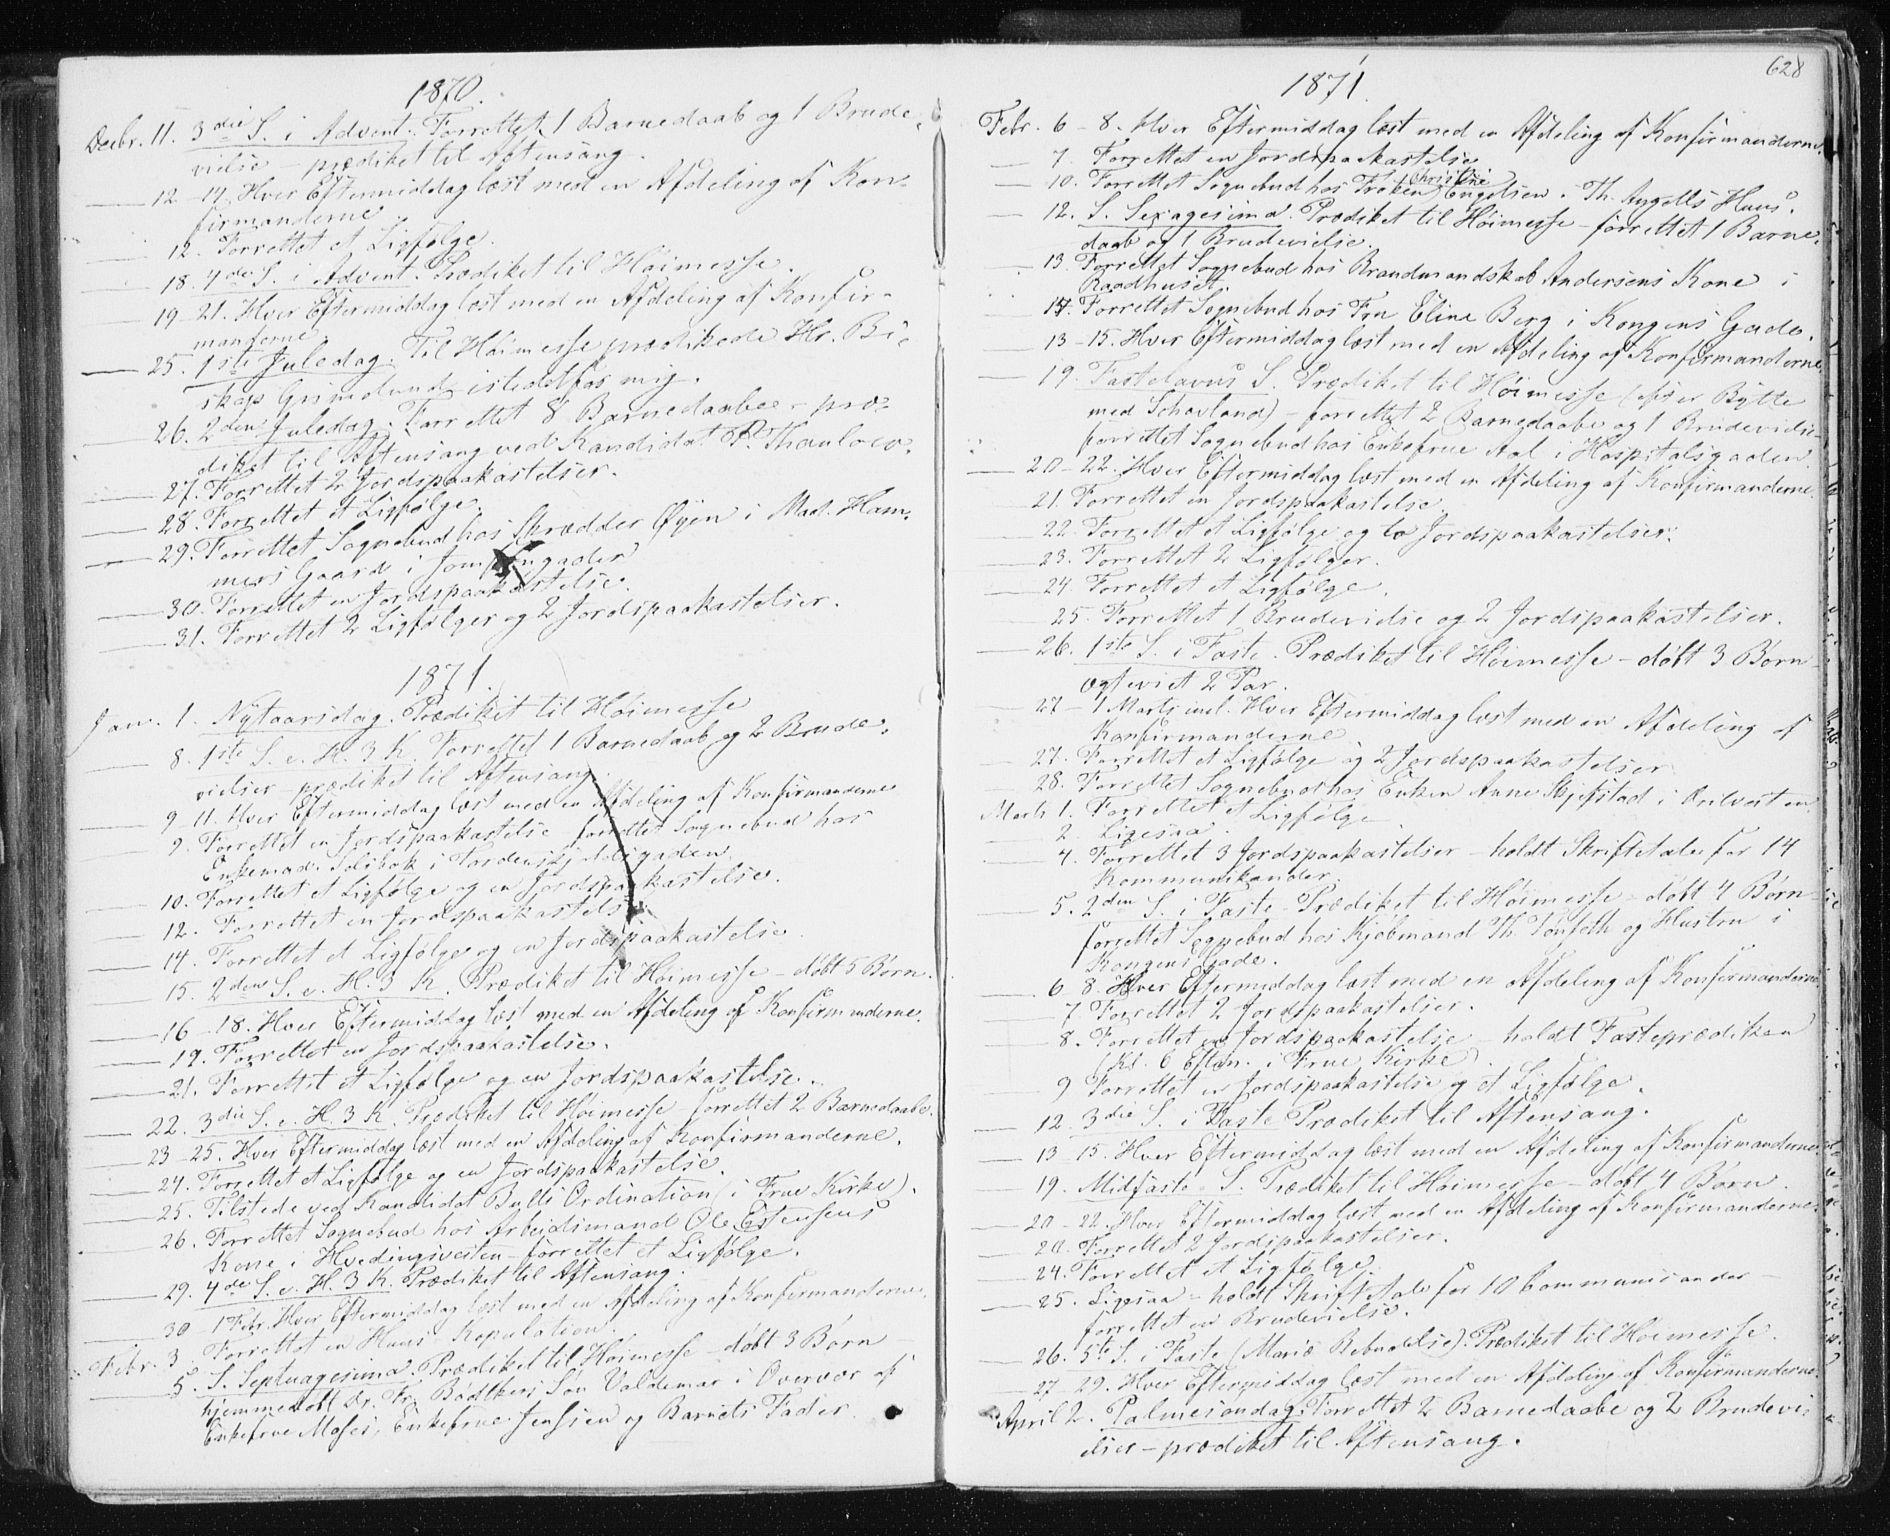 SAT, Ministerialprotokoller, klokkerbøker og fødselsregistre - Sør-Trøndelag, 601/L0055: Ministerialbok nr. 601A23, 1866-1877, s. 628